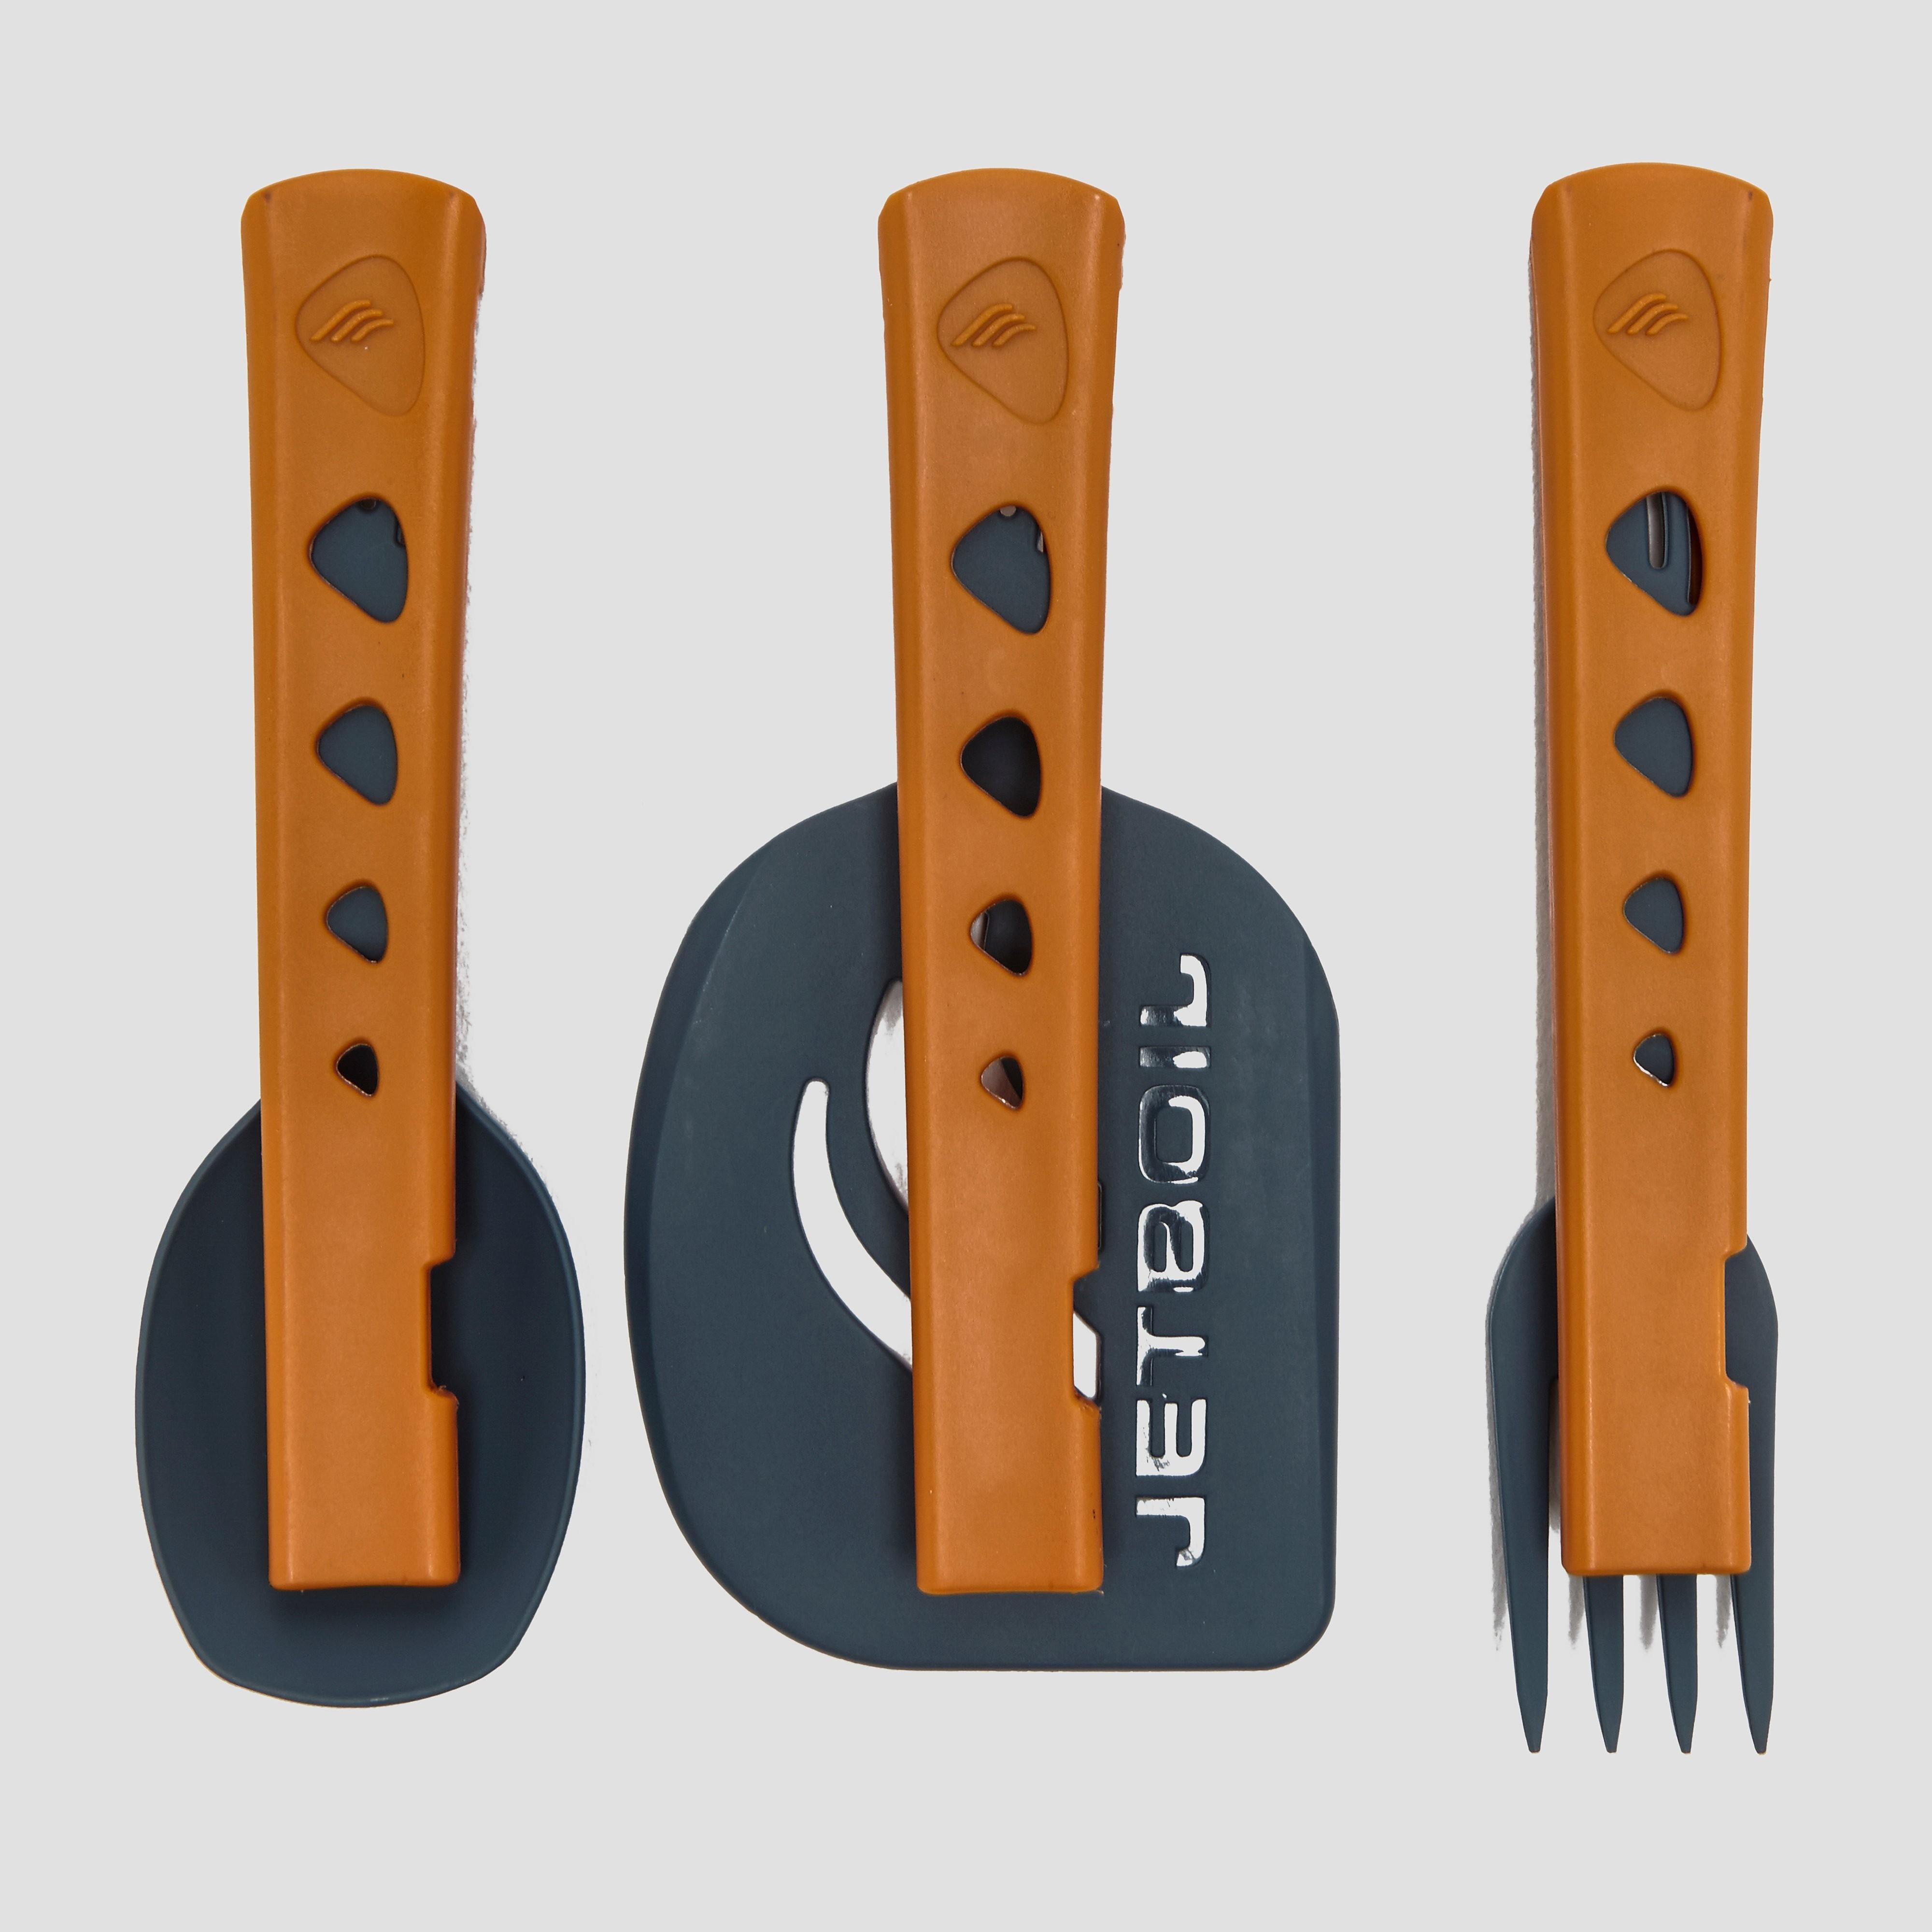 JETBOIL Jetboil Utensil Set